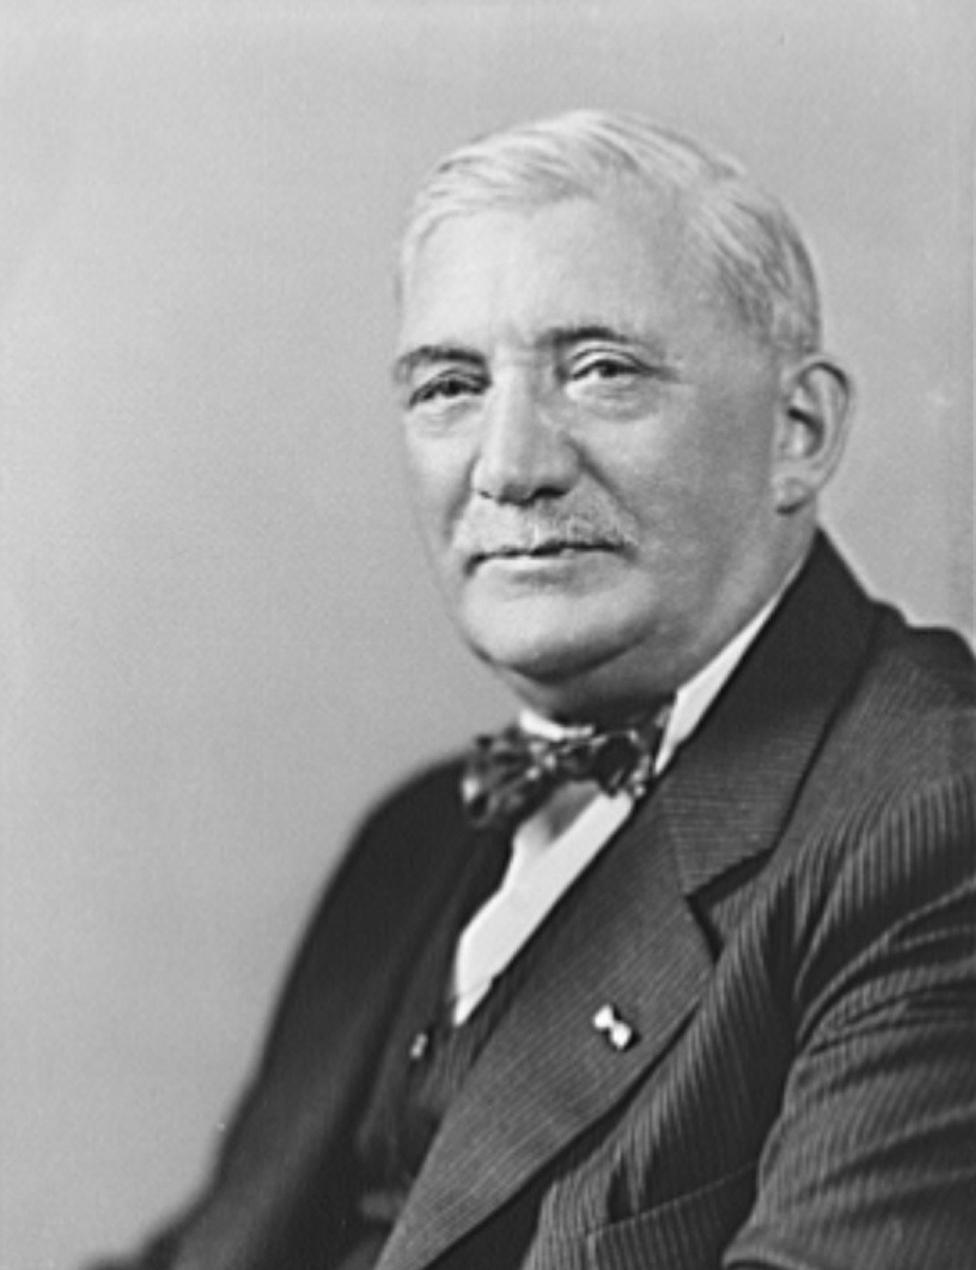 William S. Knudsen, Director of U.S. War Production during WW II